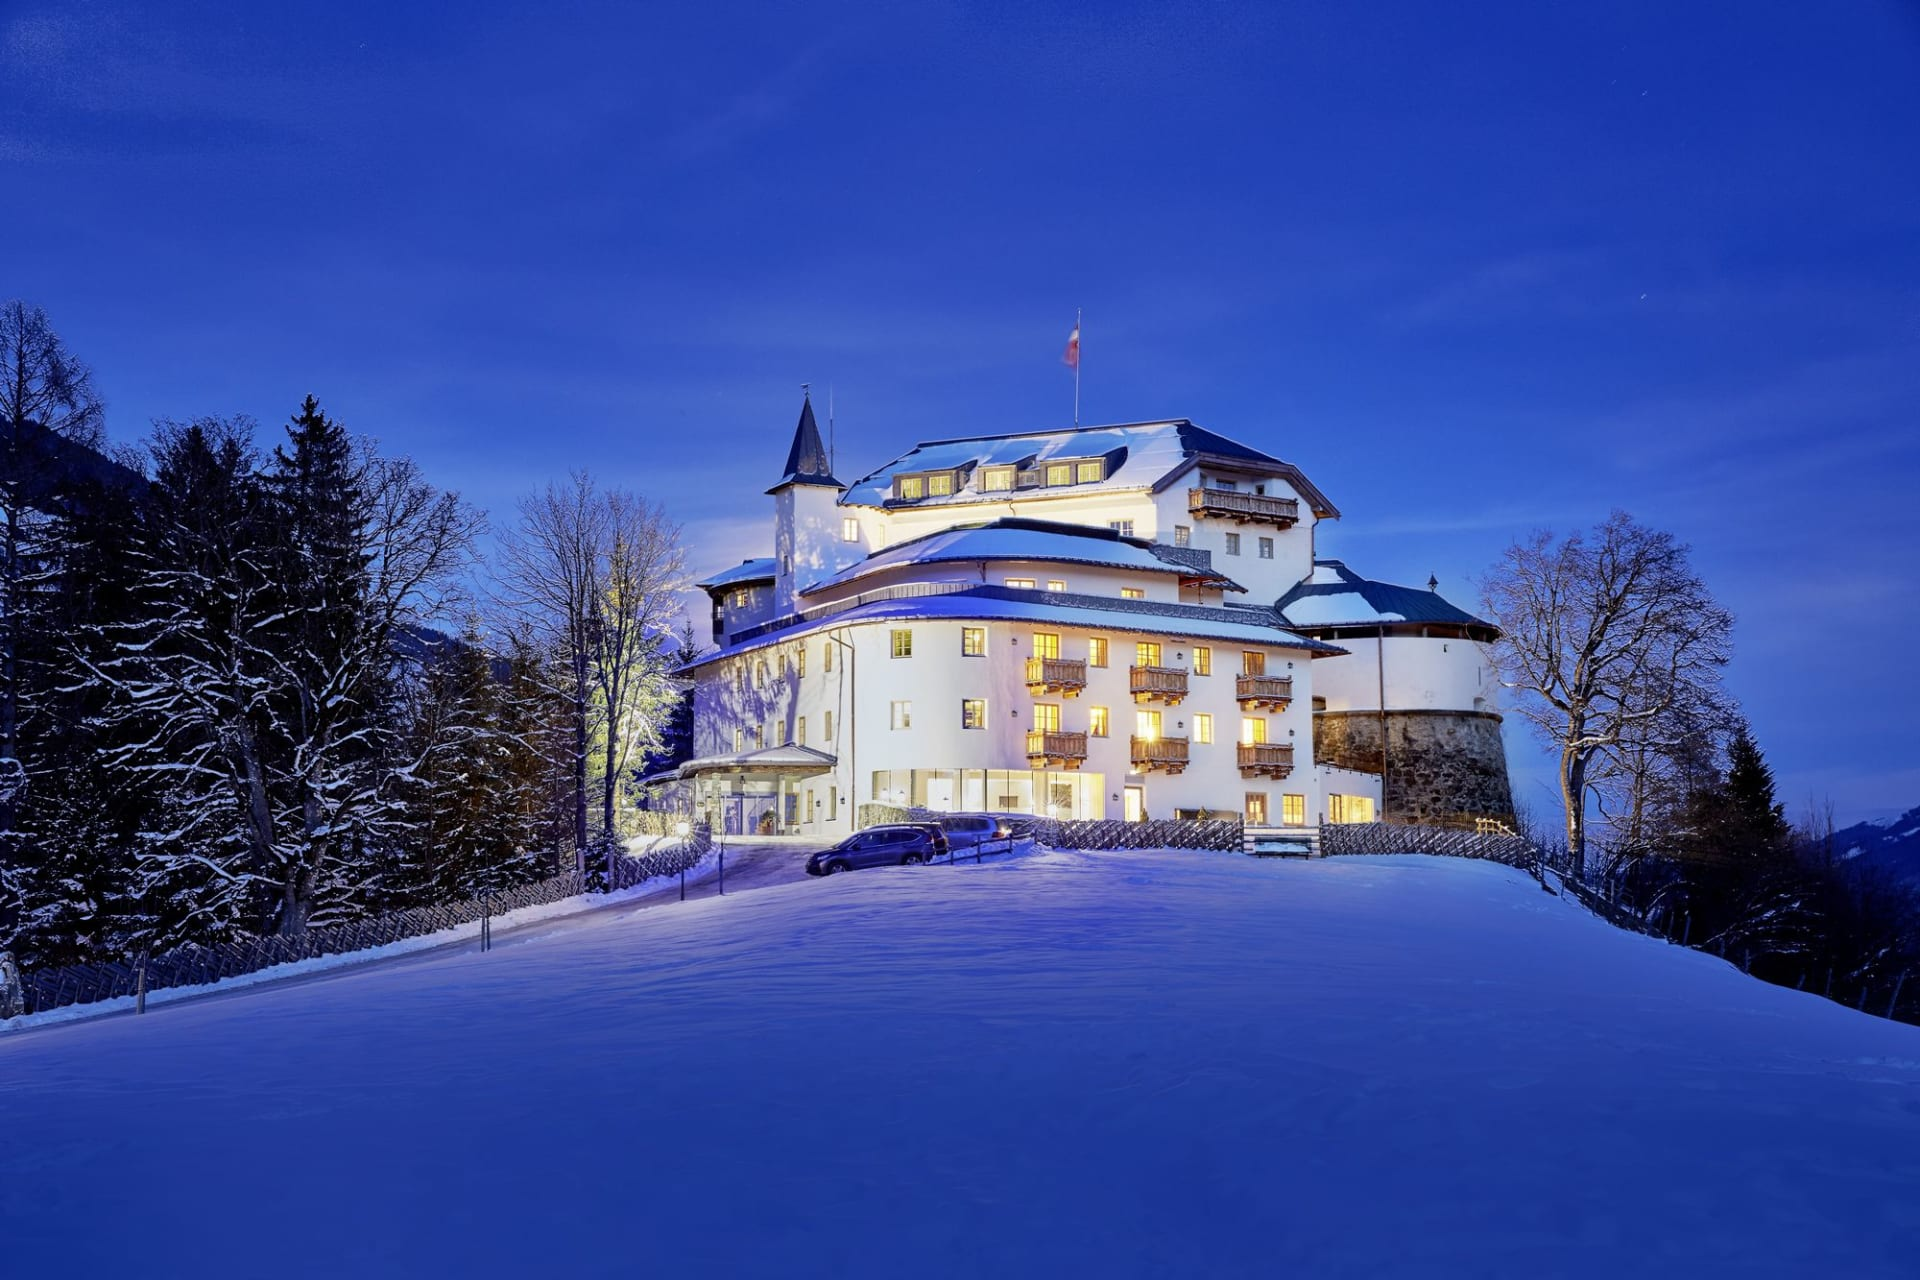 Schloss & Winterromantik